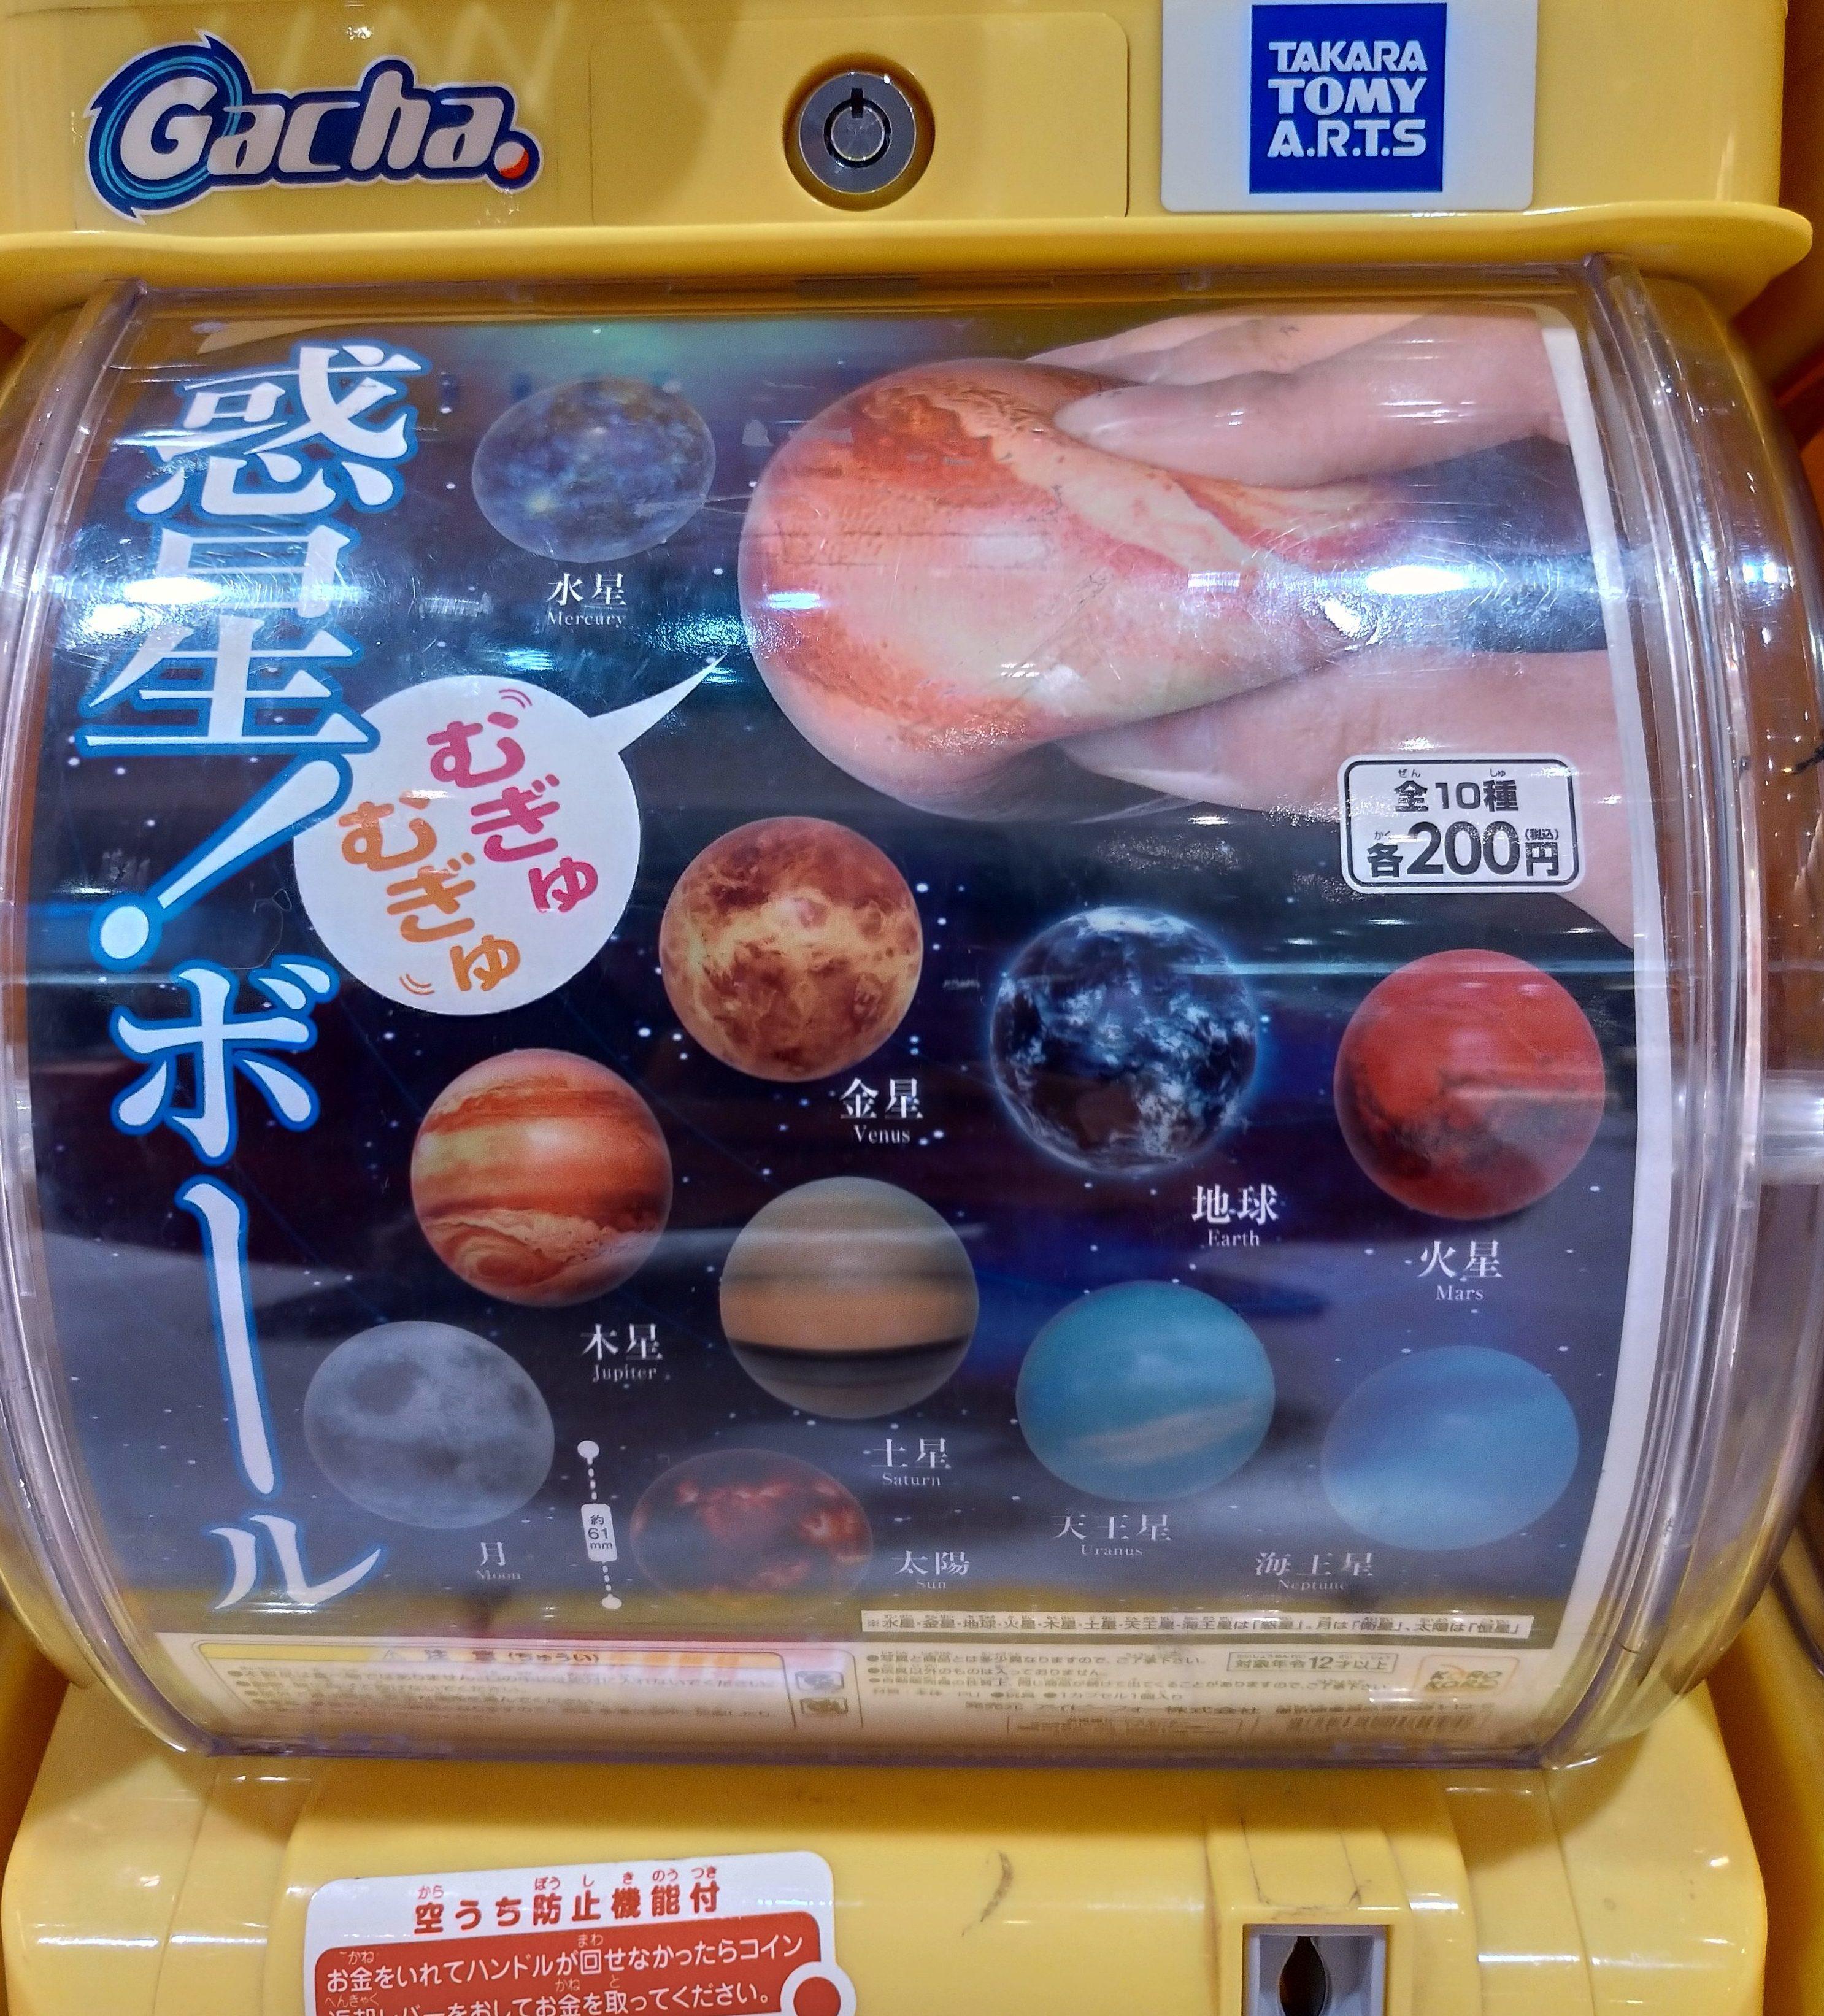 科学がちゃ「むぎゅむぎゅ惑星!ボール」でストレス発散